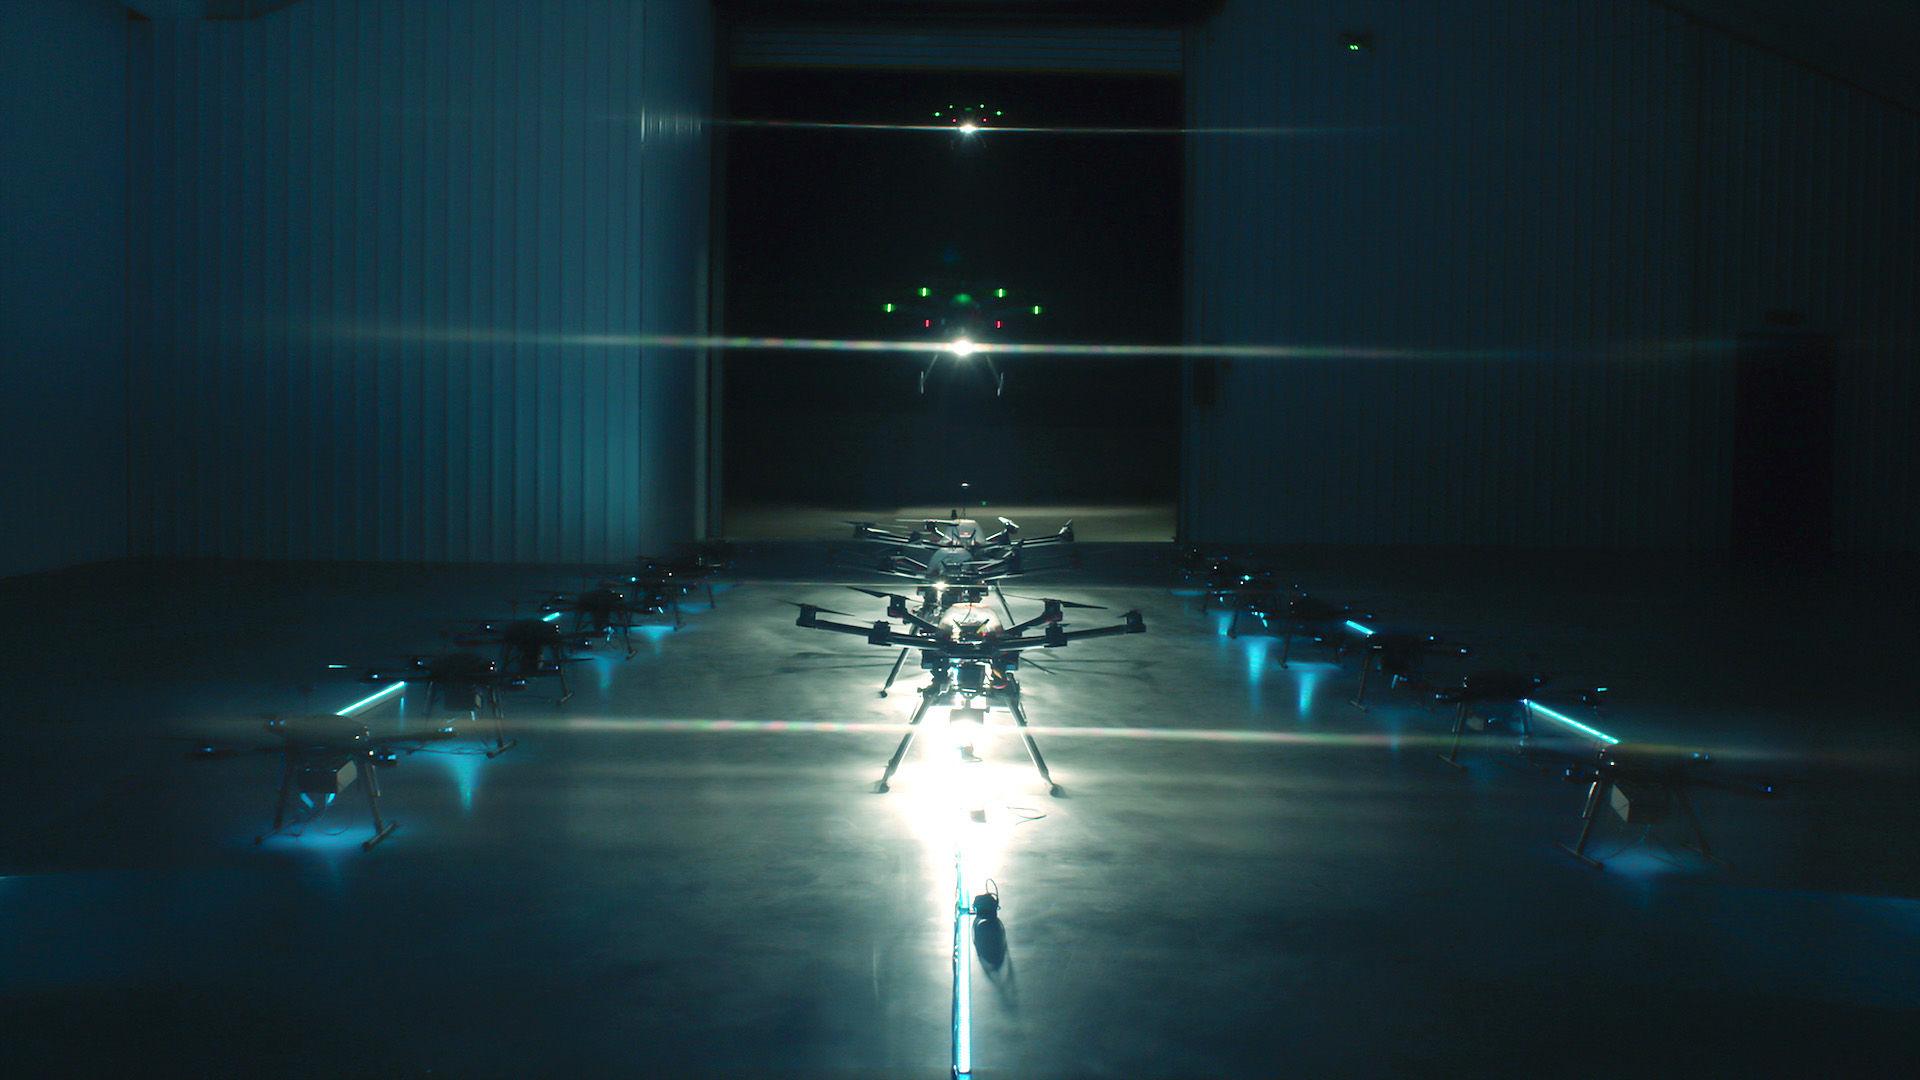 アプリで呼び出す「ドローン照明」が夜道の危険に待った!をかける